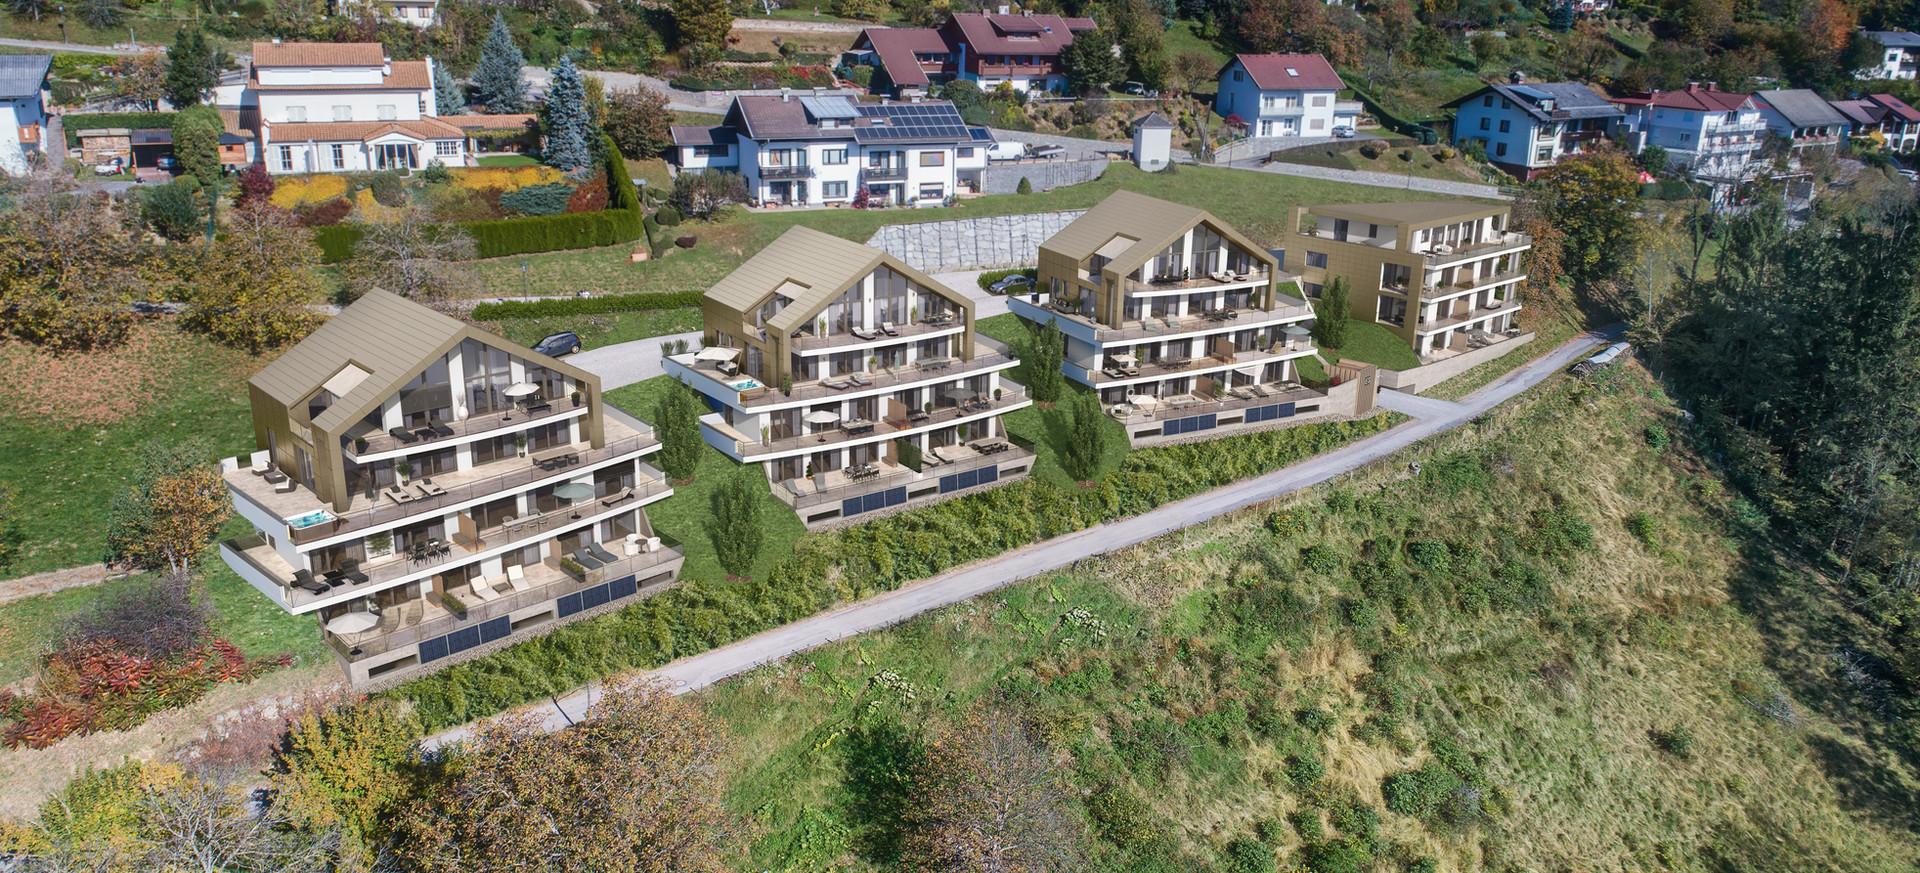 lake VIEW Millstatt Anlage Gesamt.jpg